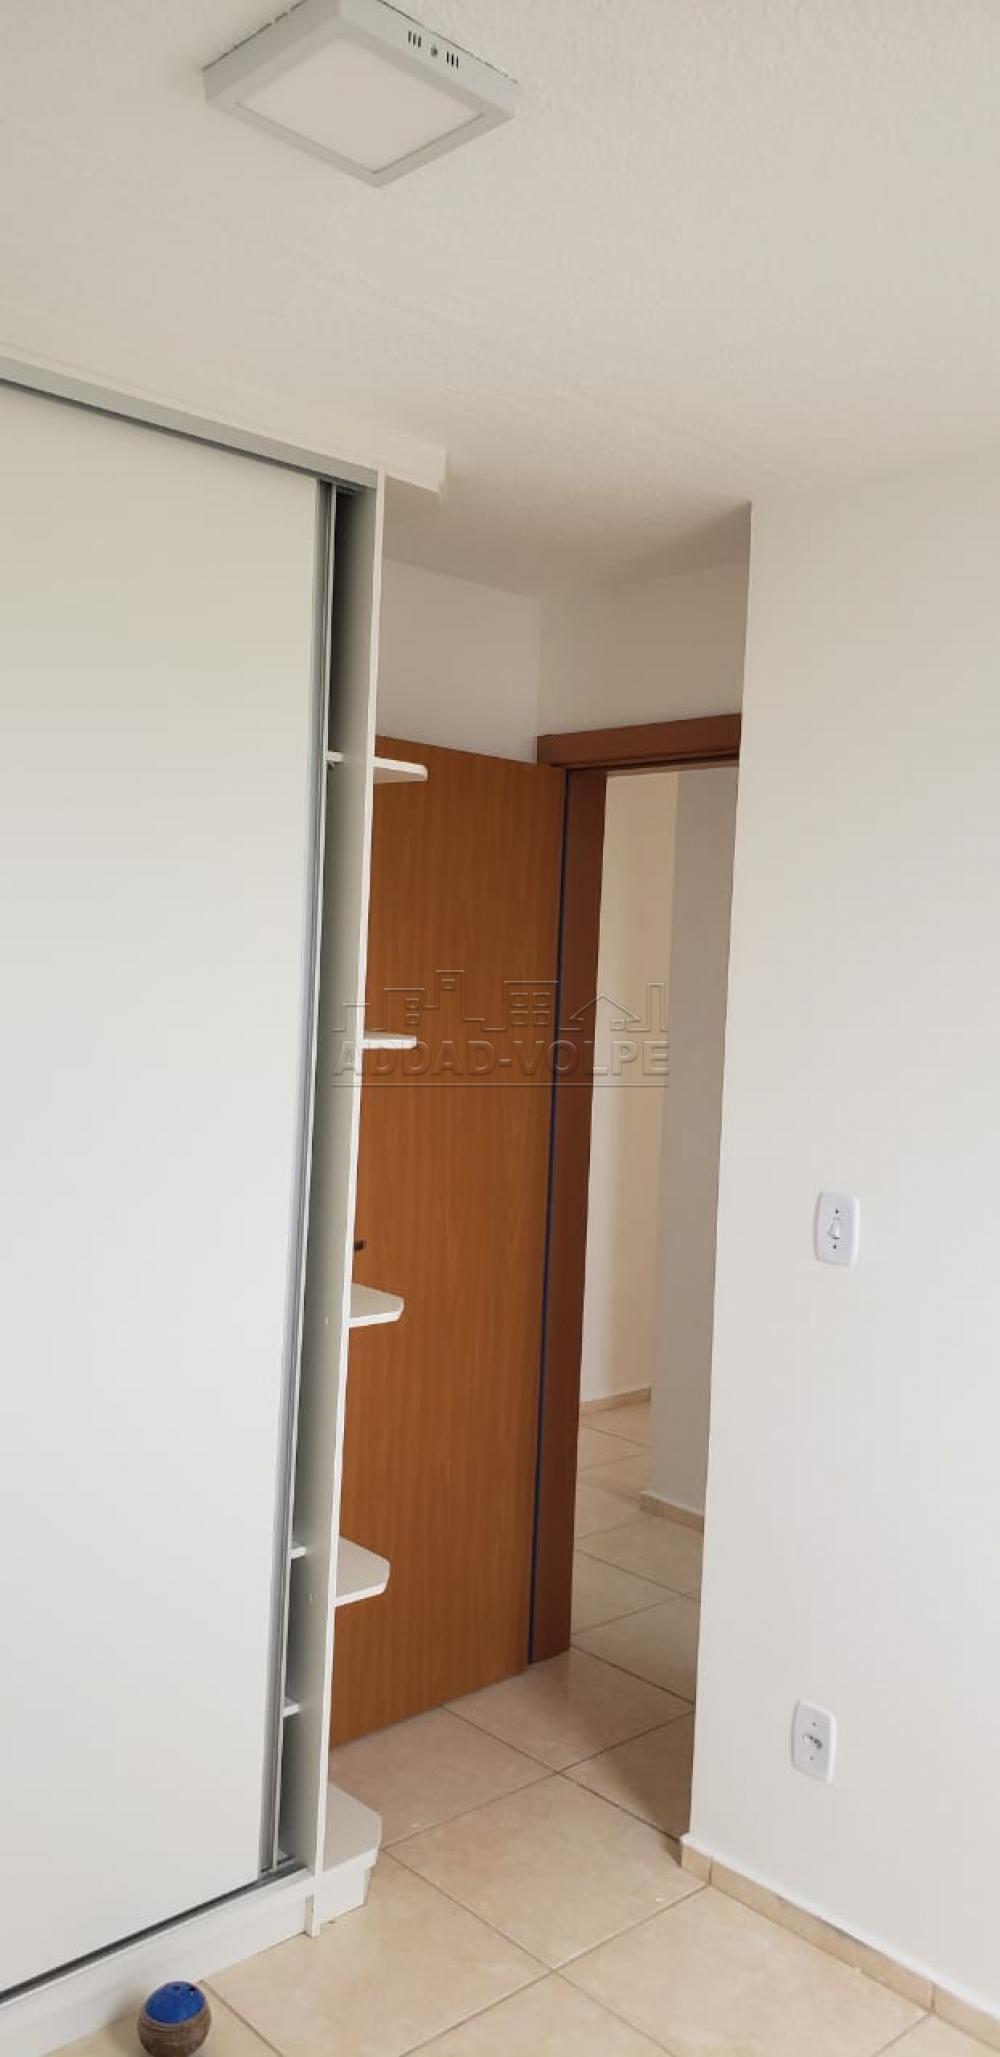 Alugar Apartamento / Padrão em Bauru R$ 950,00 - Foto 6